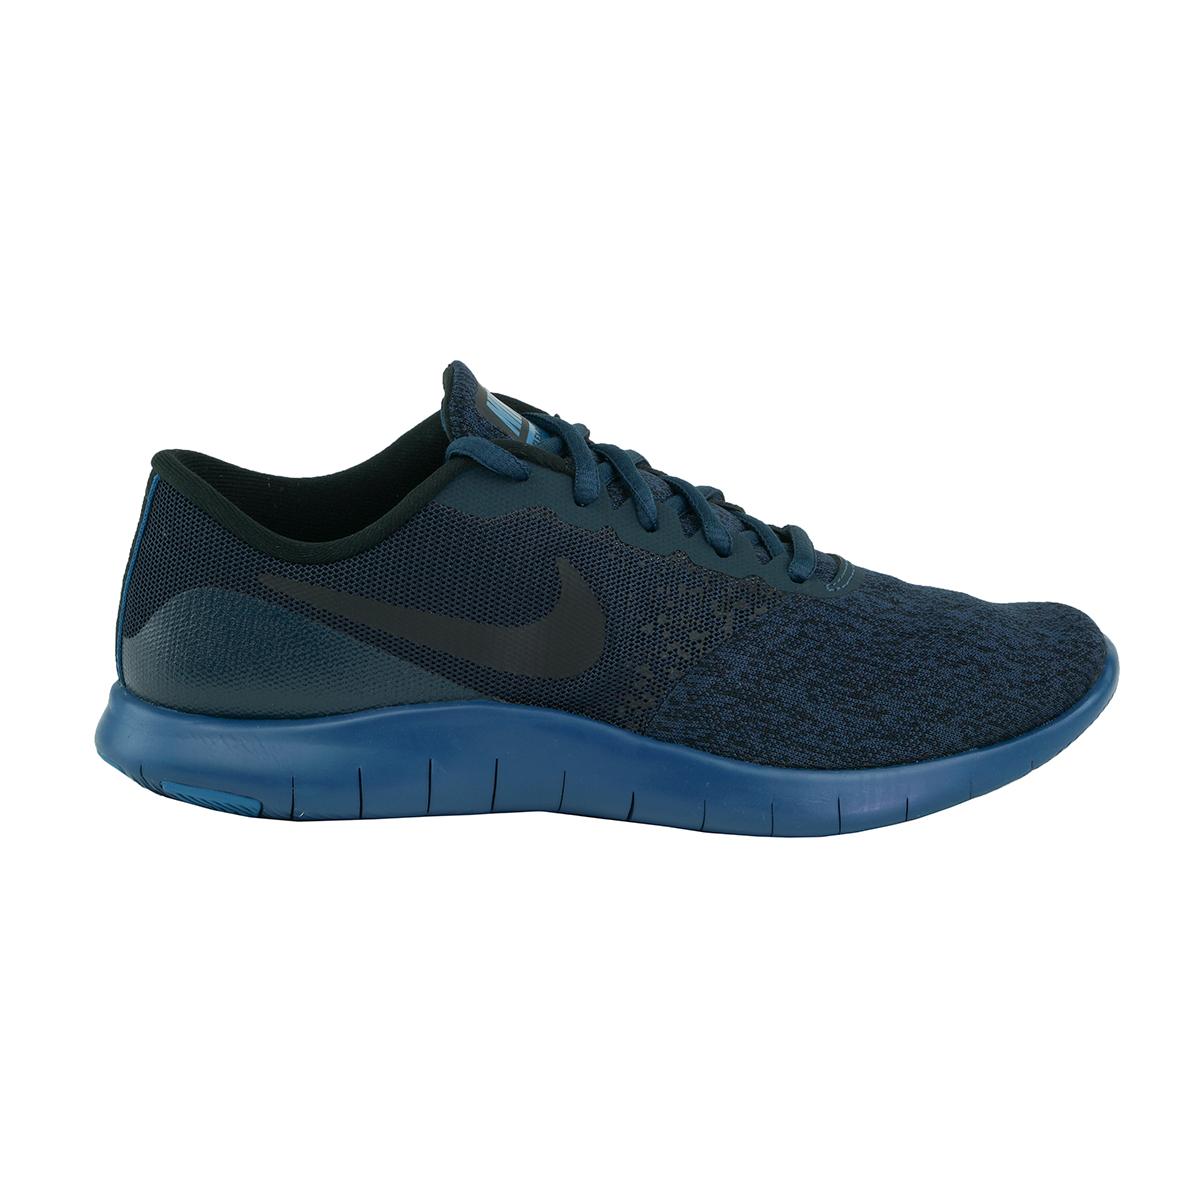 Nike-Women-039-s-Flex-Contact-Running-Shoes